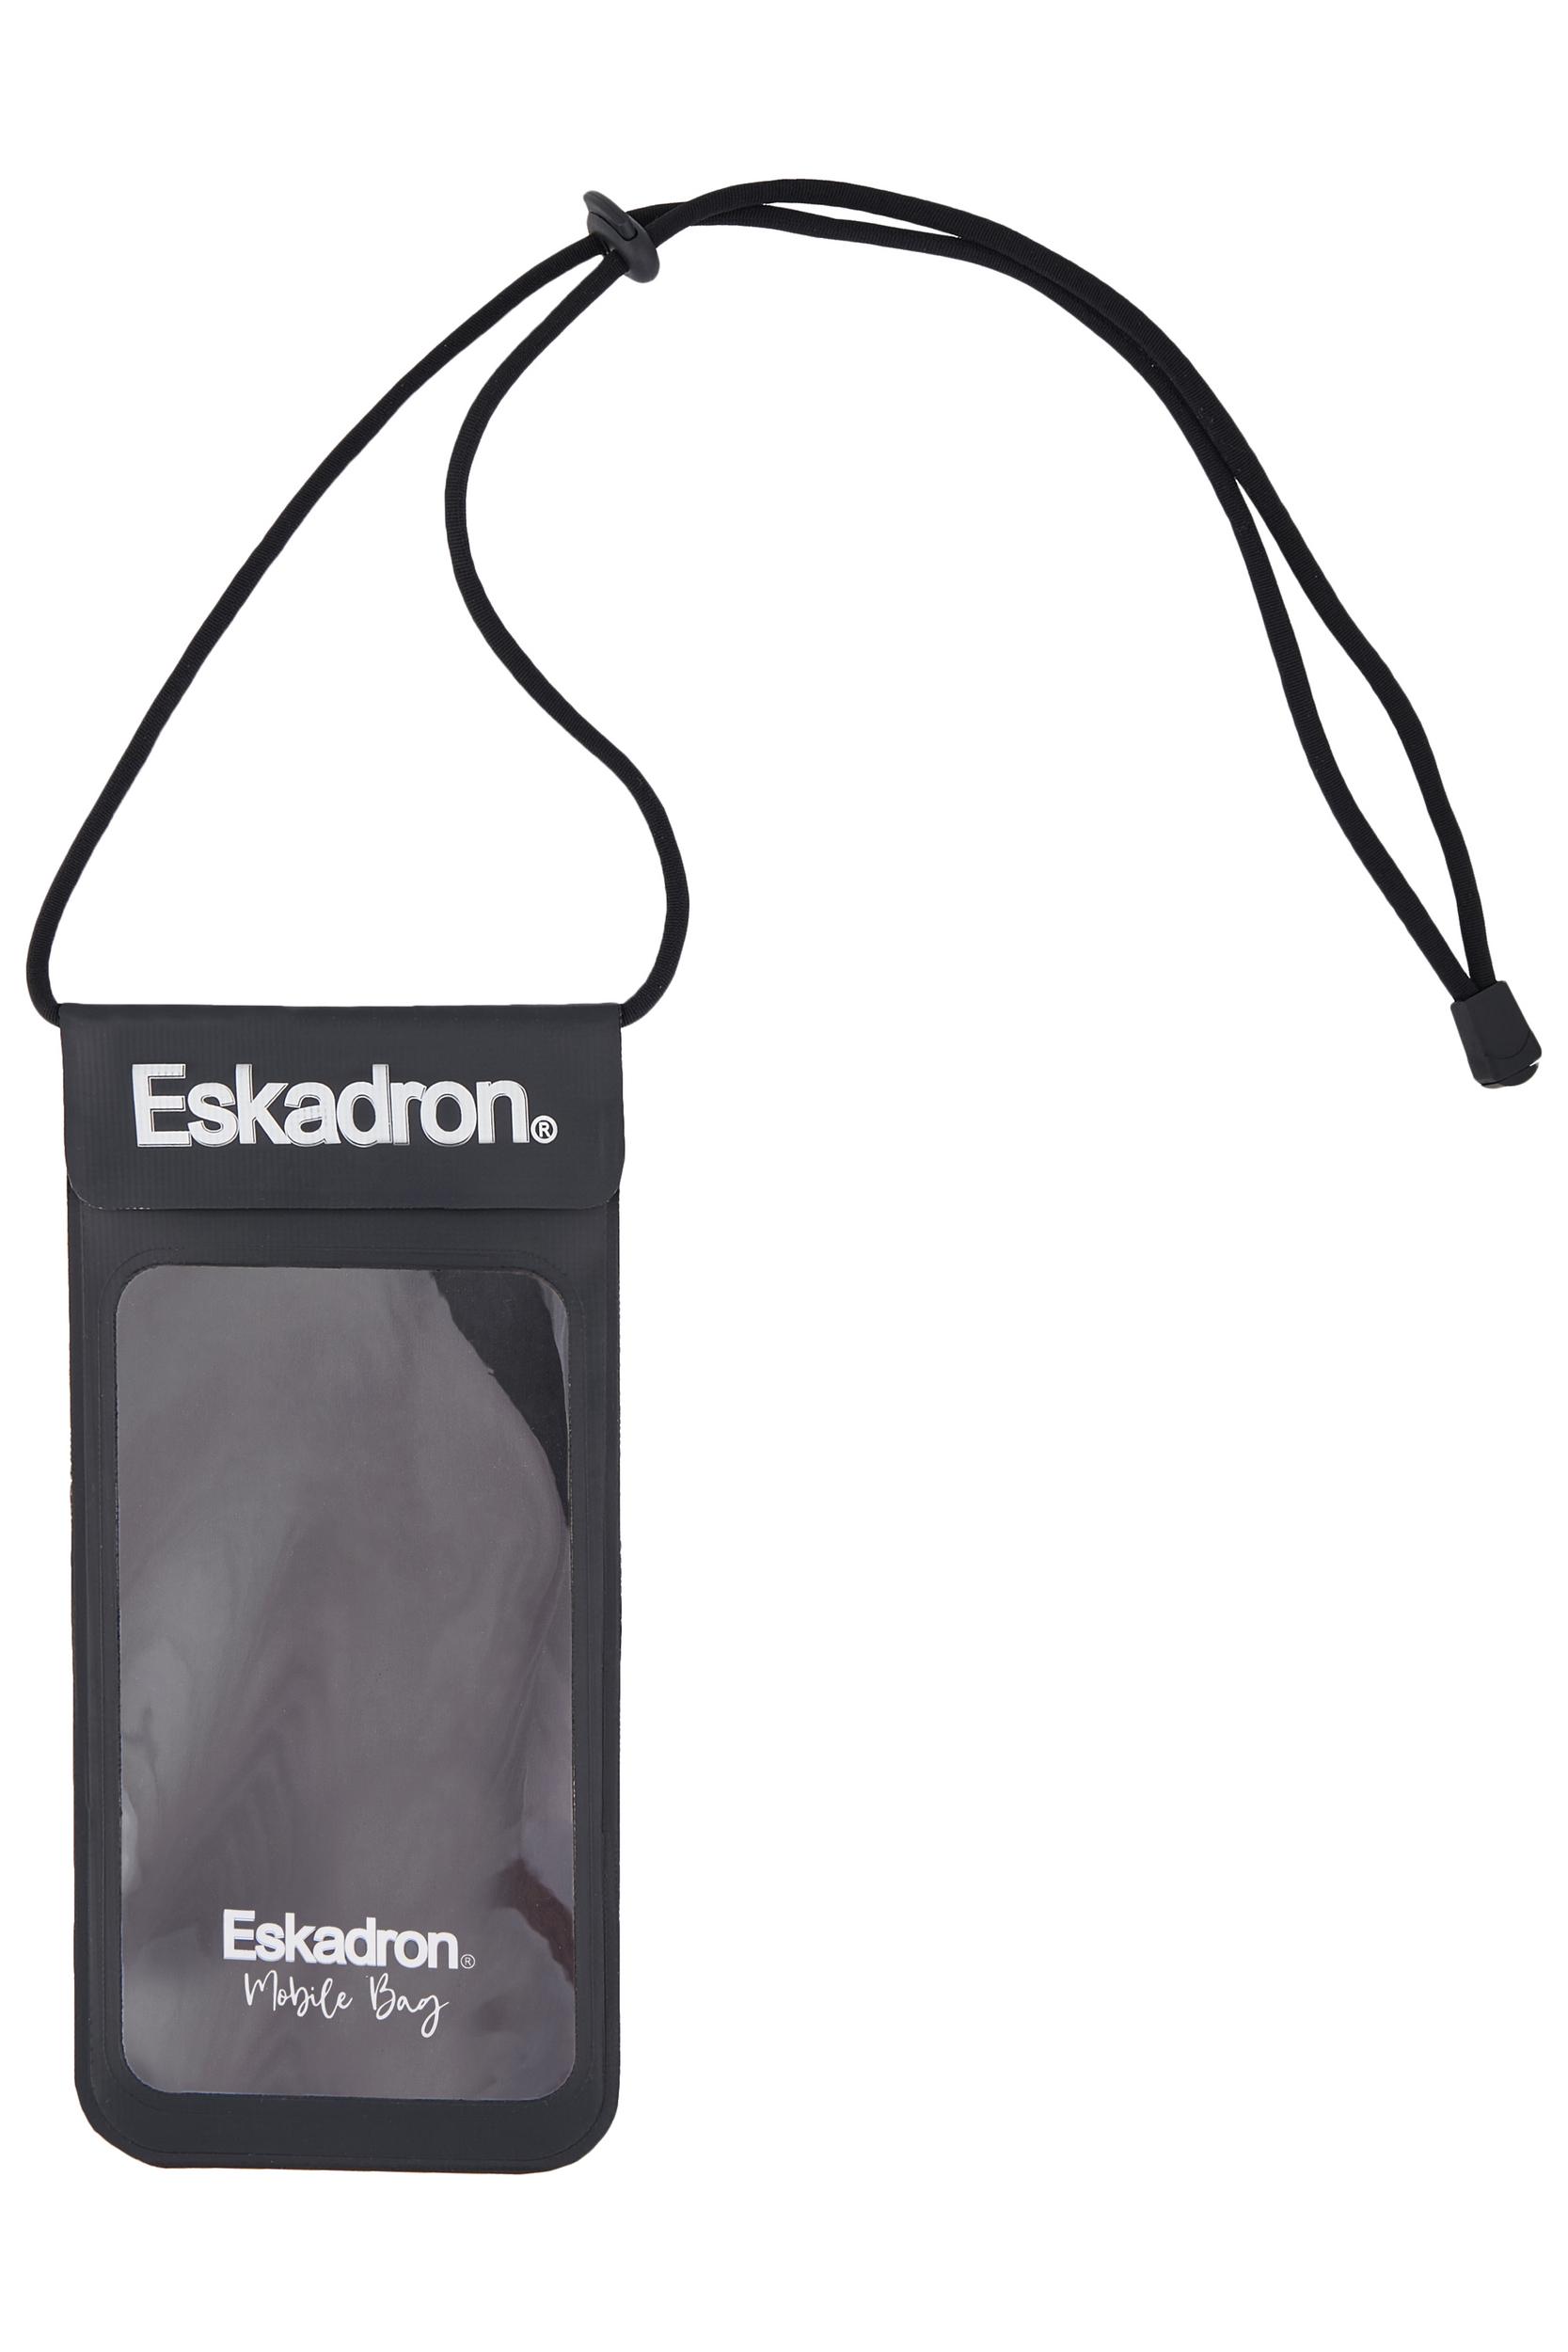 Eskadron Reflexx Mobile Bag